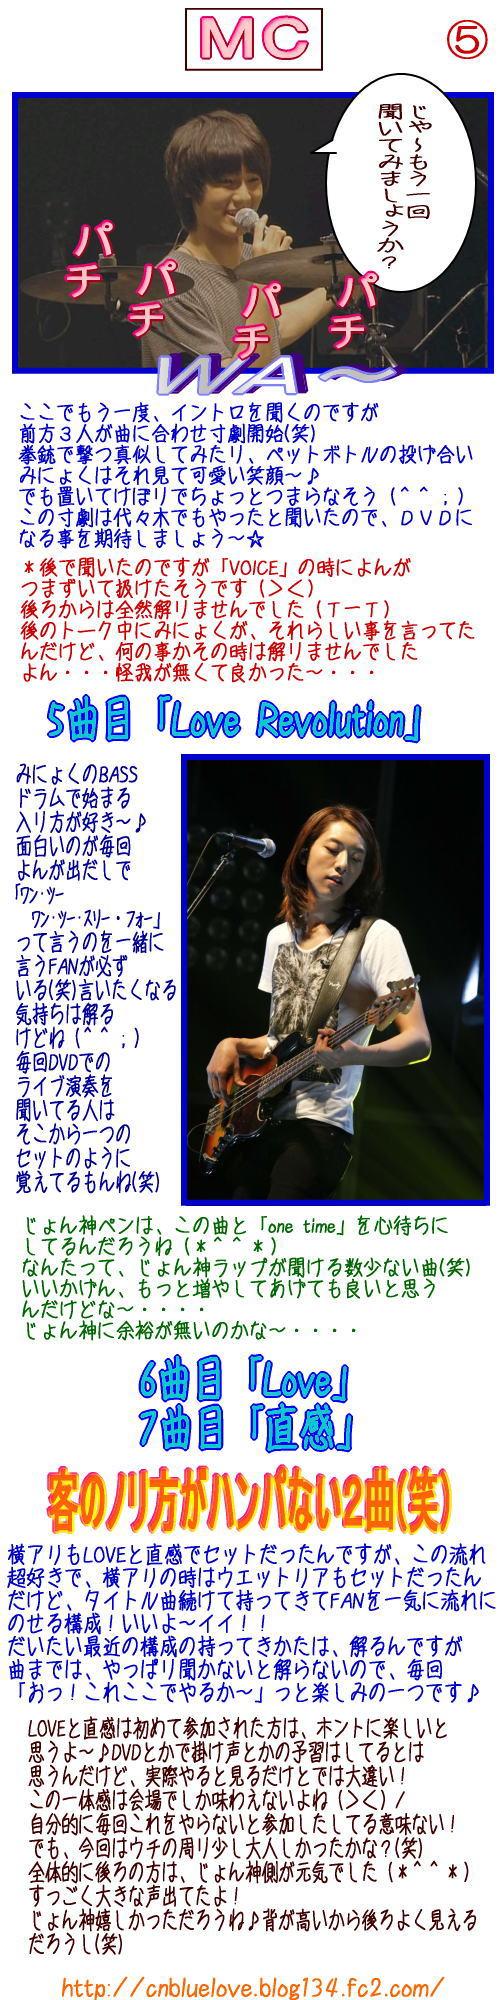 23.12.14Zepp大阪参戦レポ-5